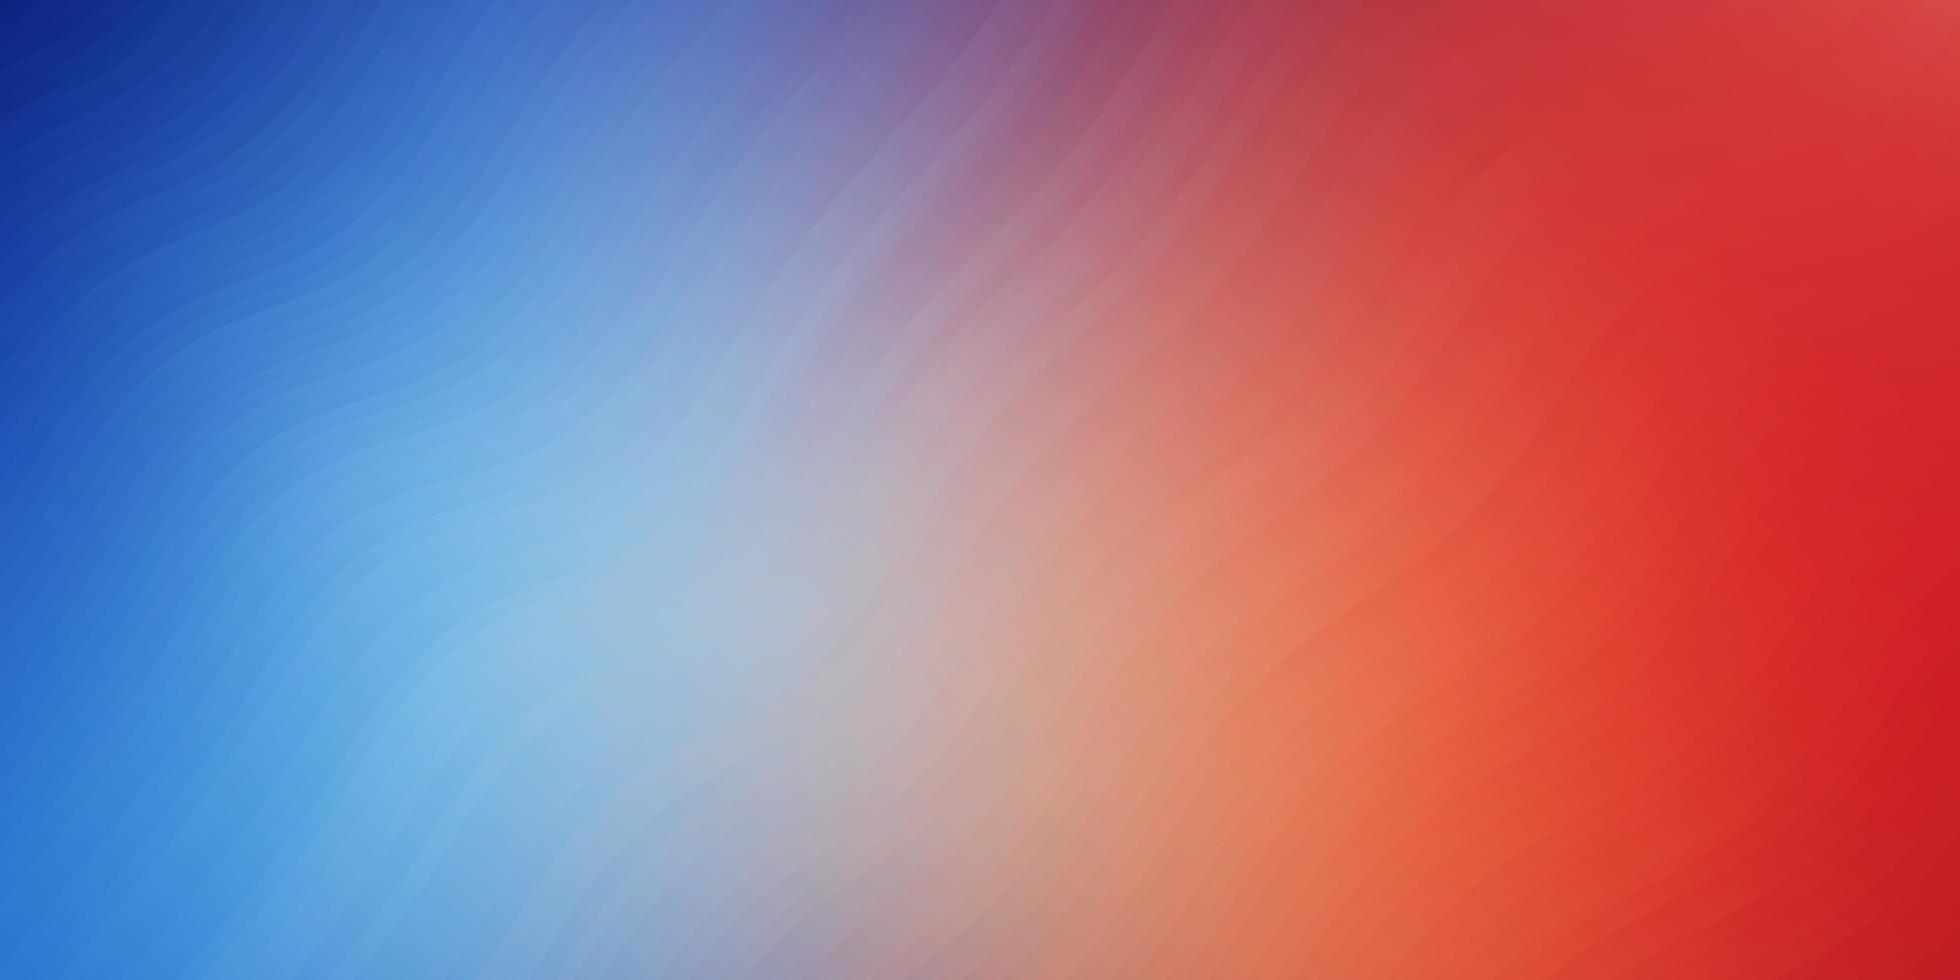 padrão de vetor azul e vermelho claro com linhas curvas.